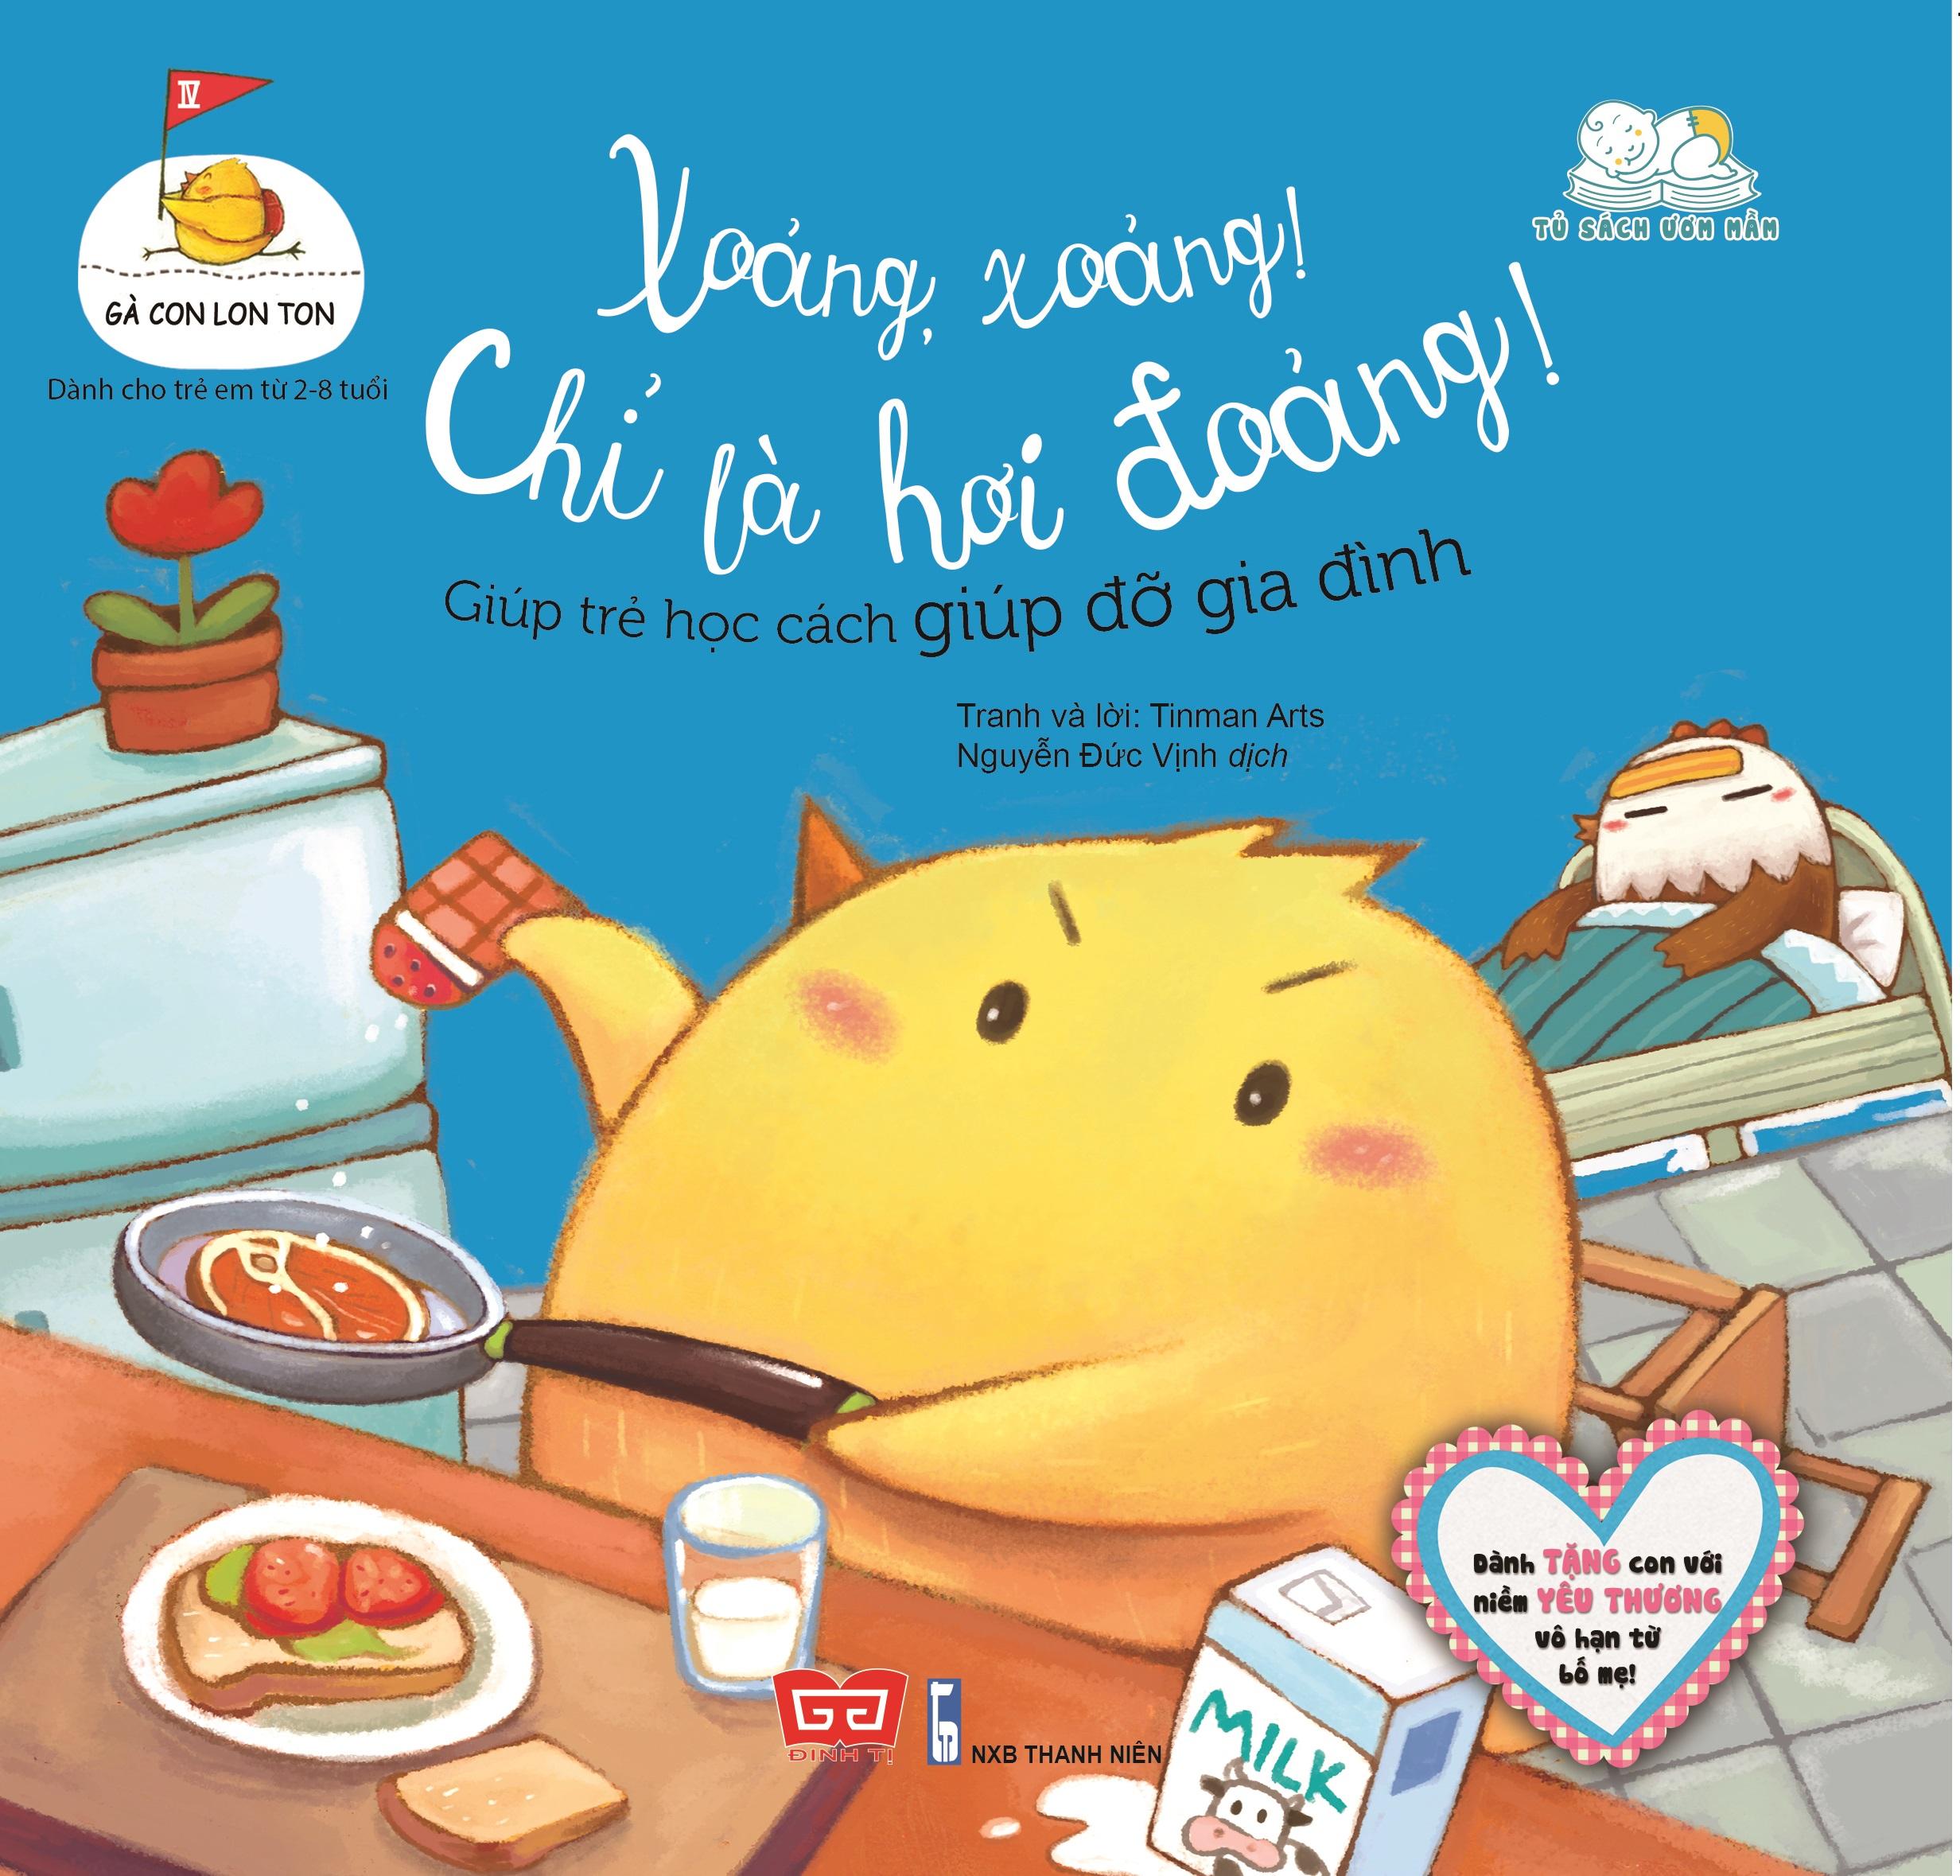 Gà con lon ton - Xoảng, xoảng! Chỉ là hơi đoảng! Giúp trẻ học cách giúp đỡ gia đình